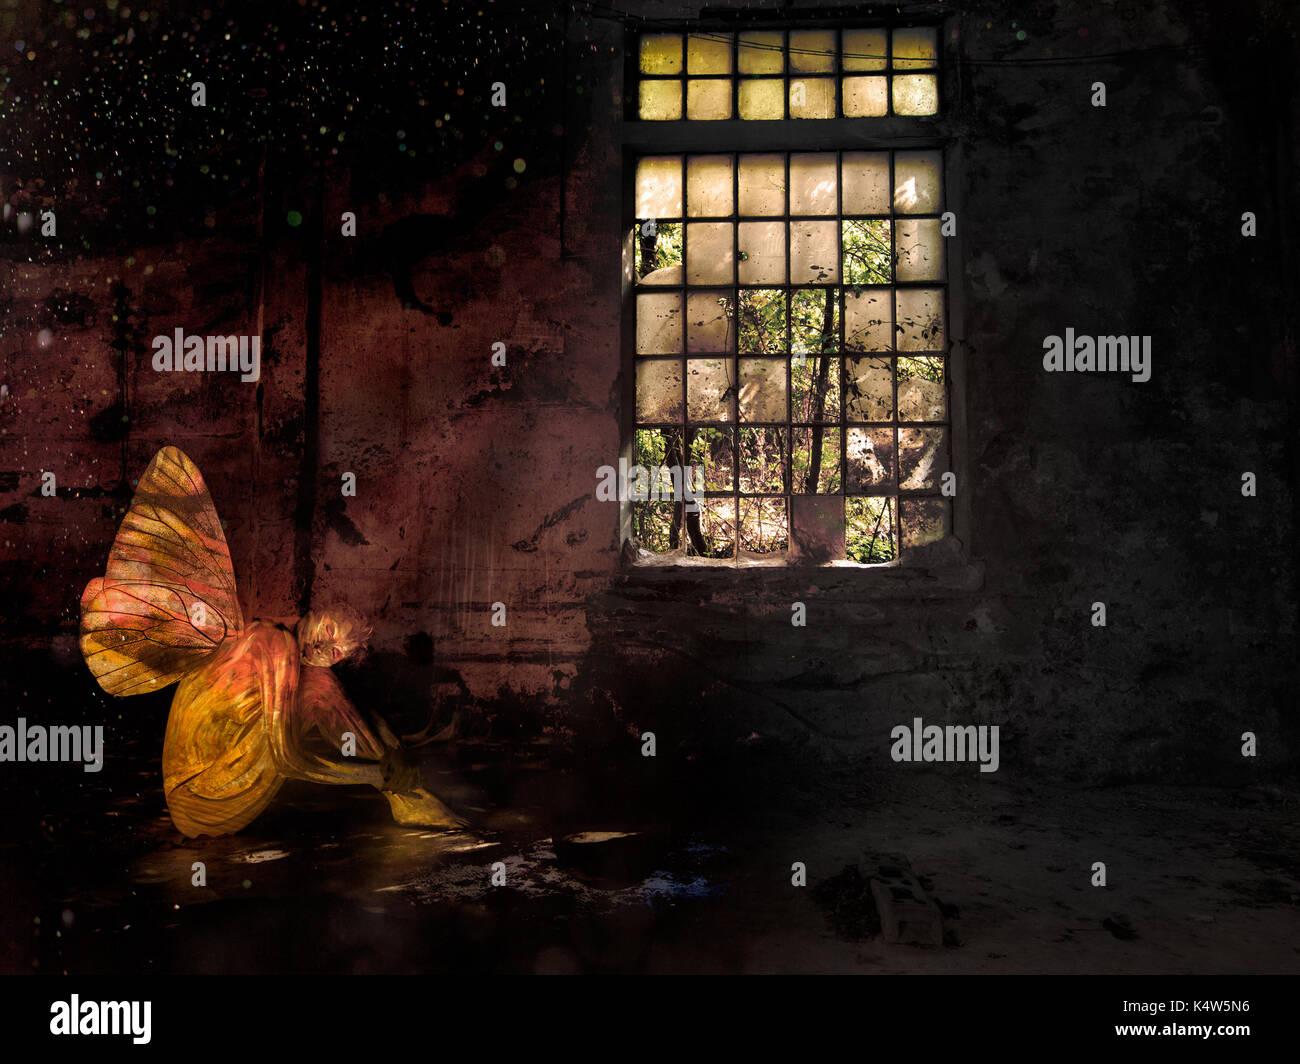 Sad image. Abandoned woman fairy. Bodypainted. - Stock Image